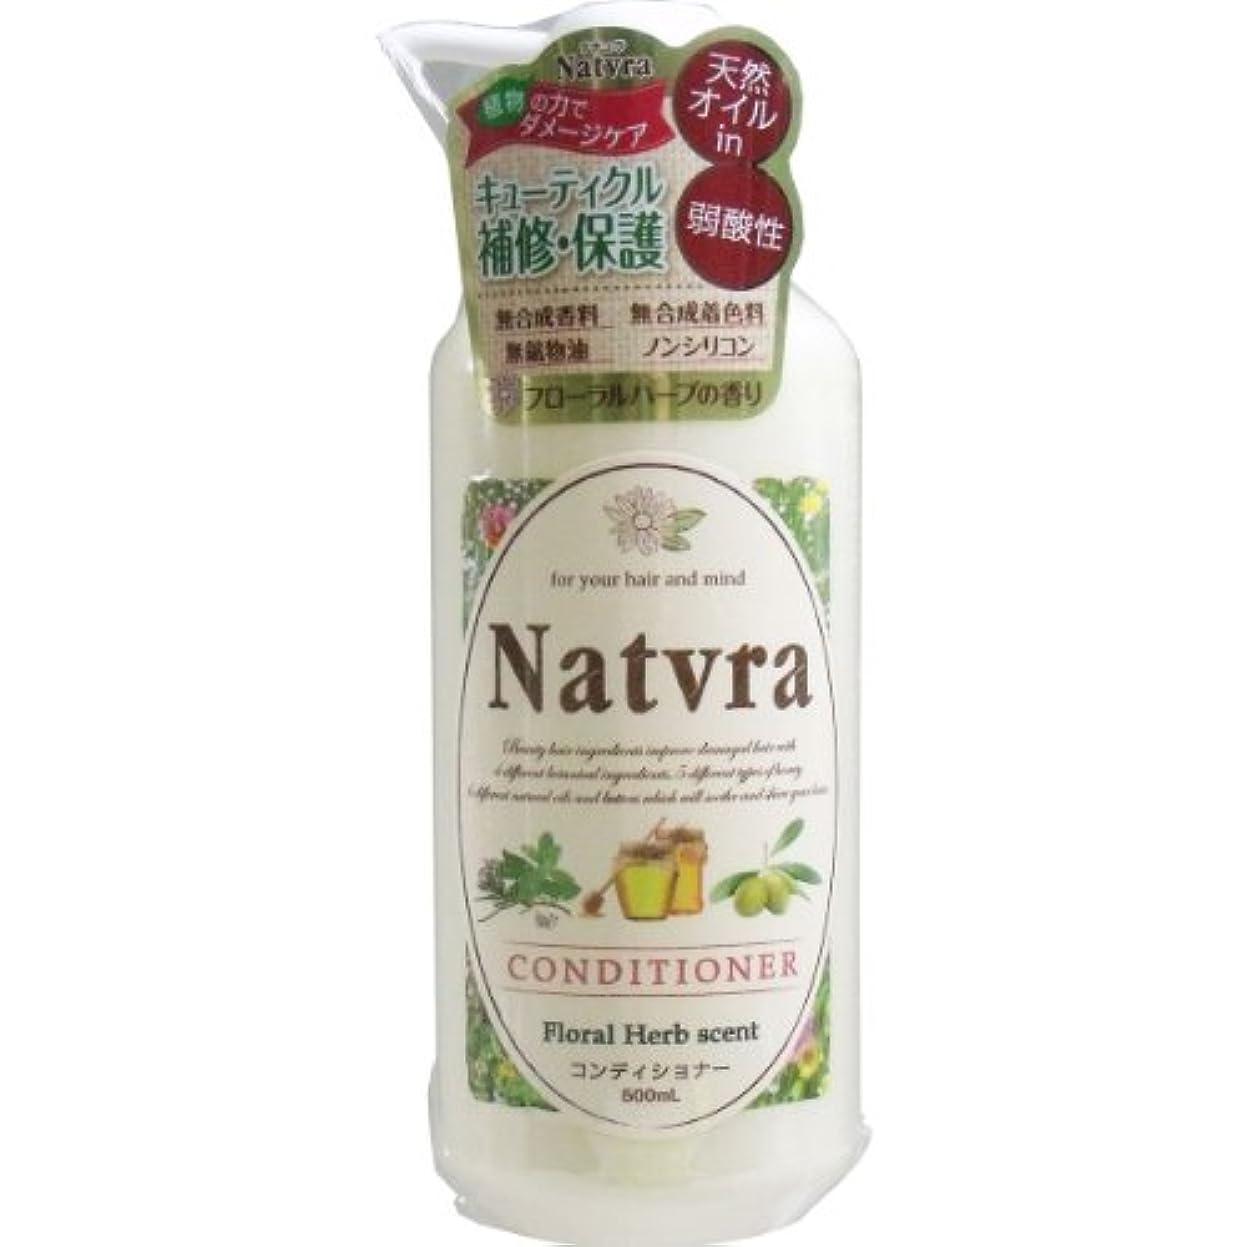 製造霧深いひどくNatvra(ナチュラ) コンディショナー フローラルハーブの香り 500mL「4点セット」